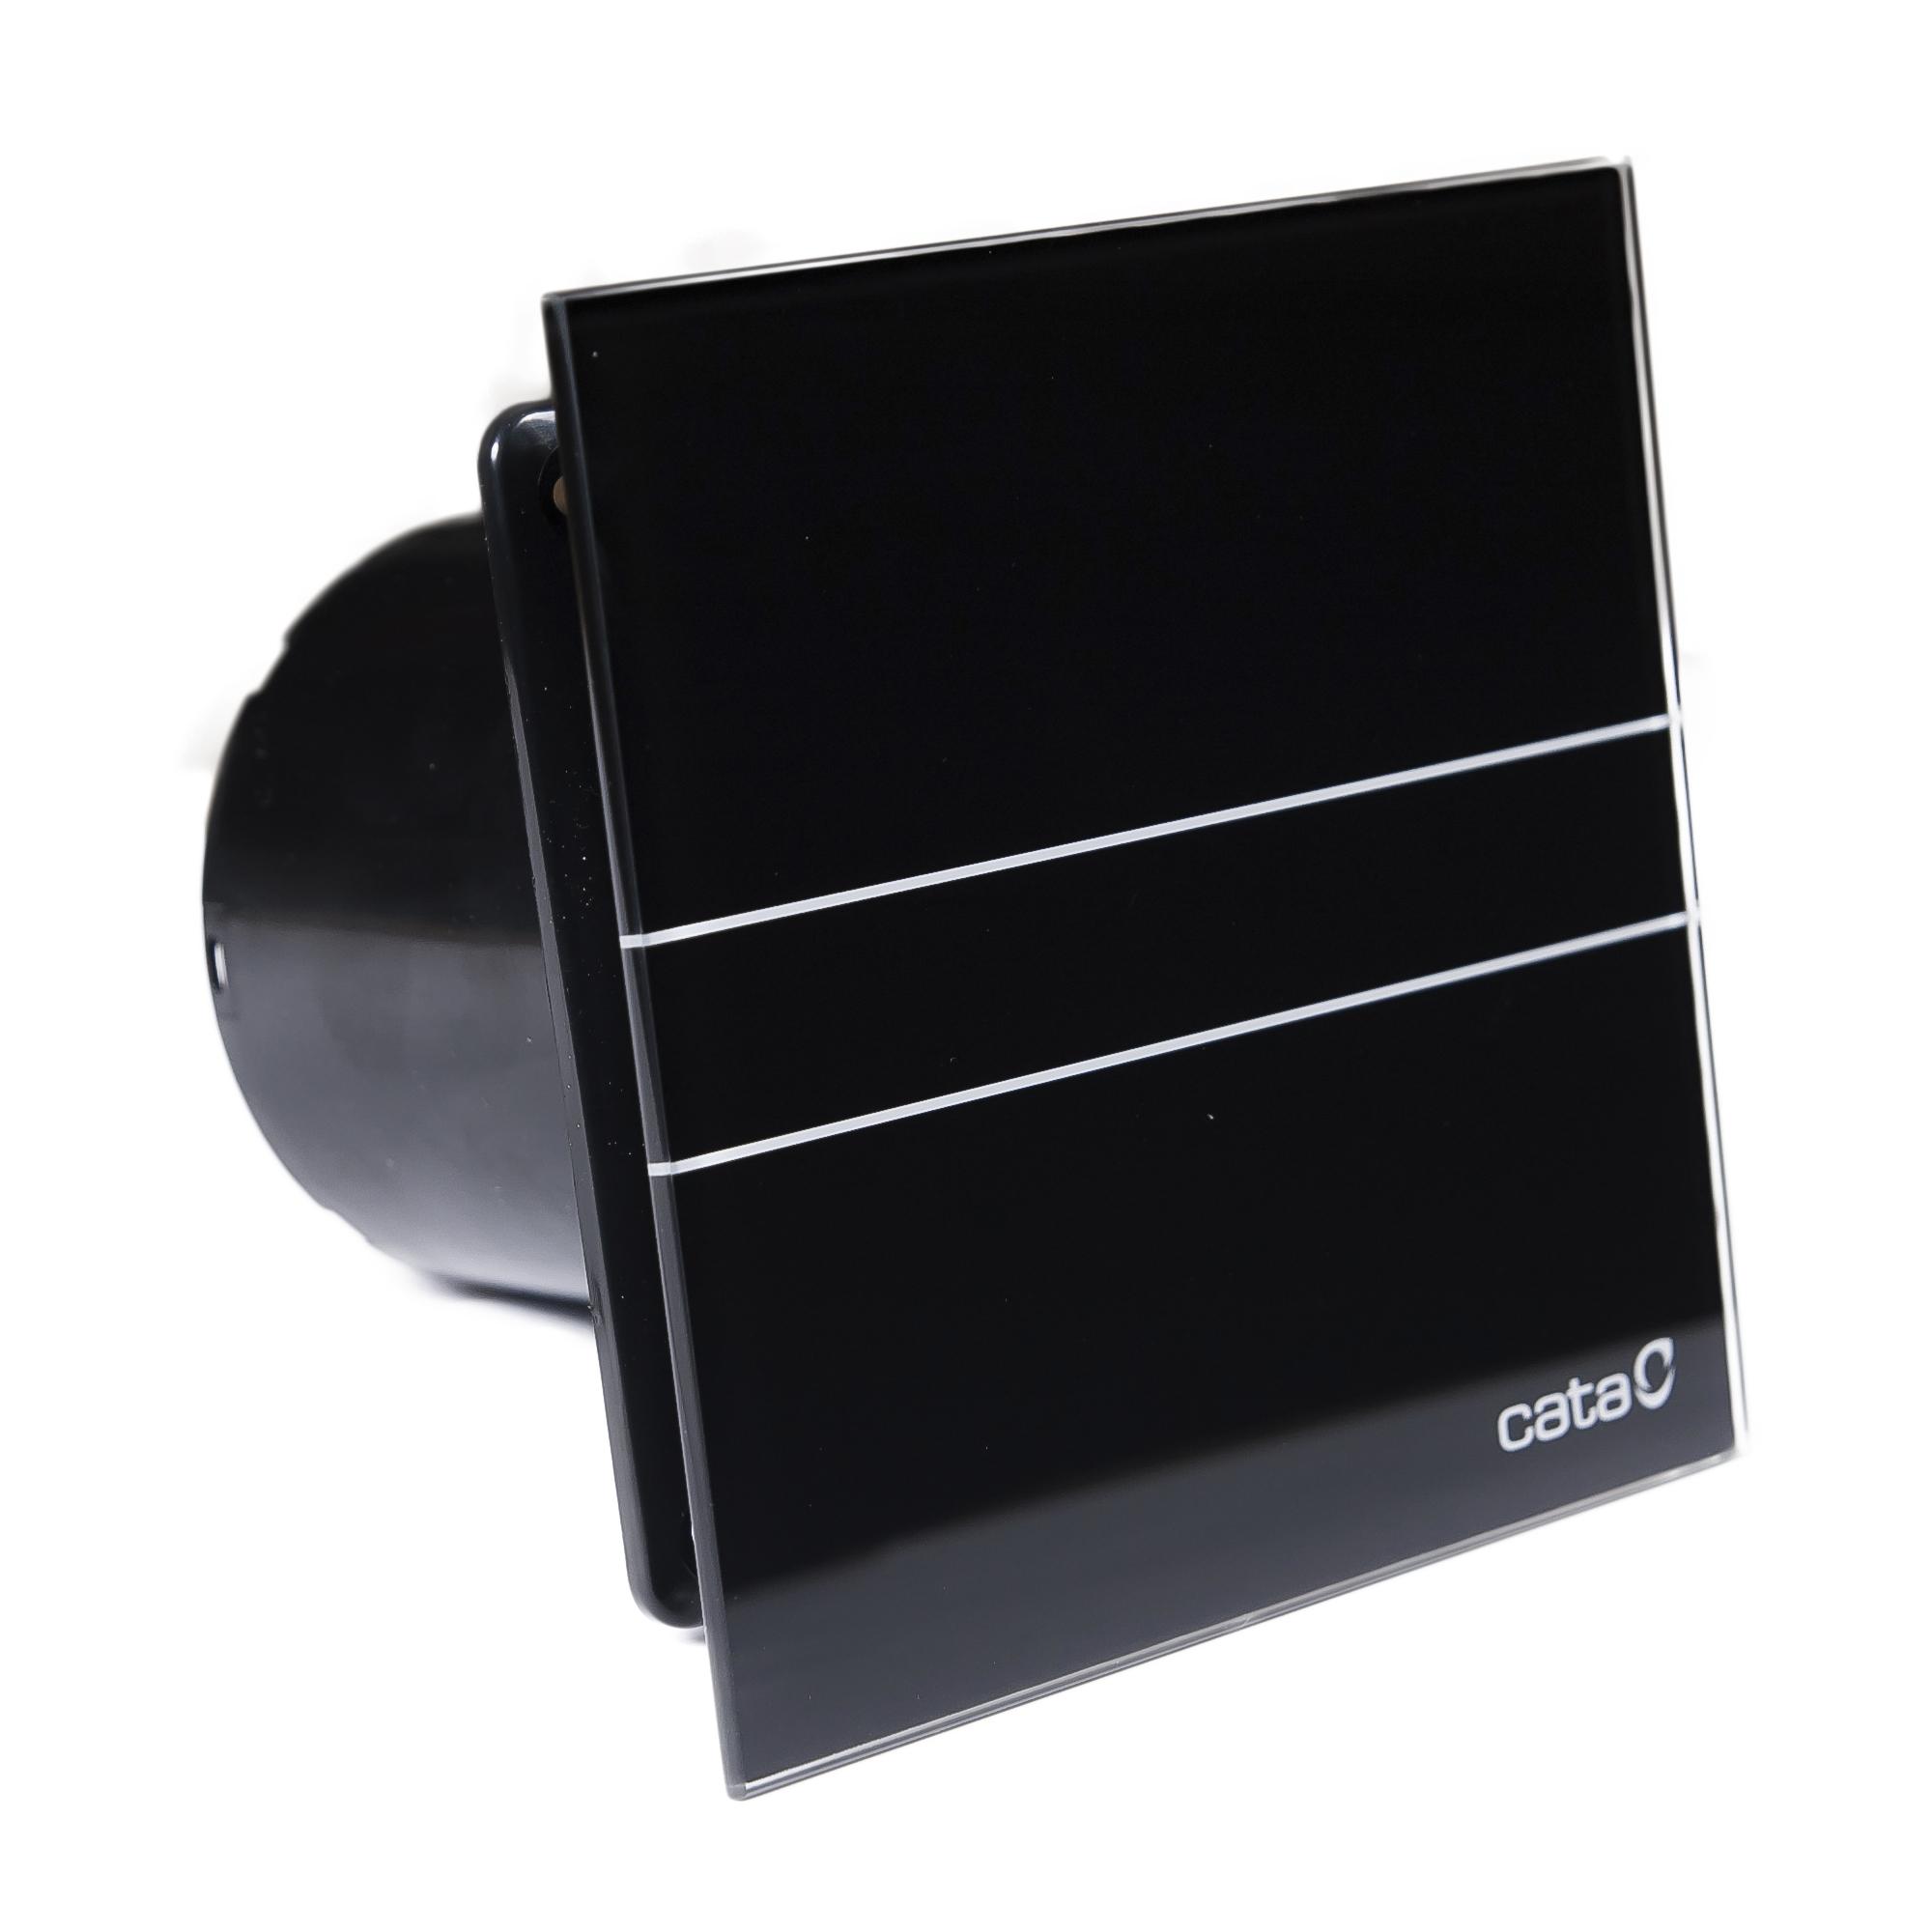 Вентилятор e-100 gbk стекло. Черный CATA вентилятор e 100 gbk стекло черный cata